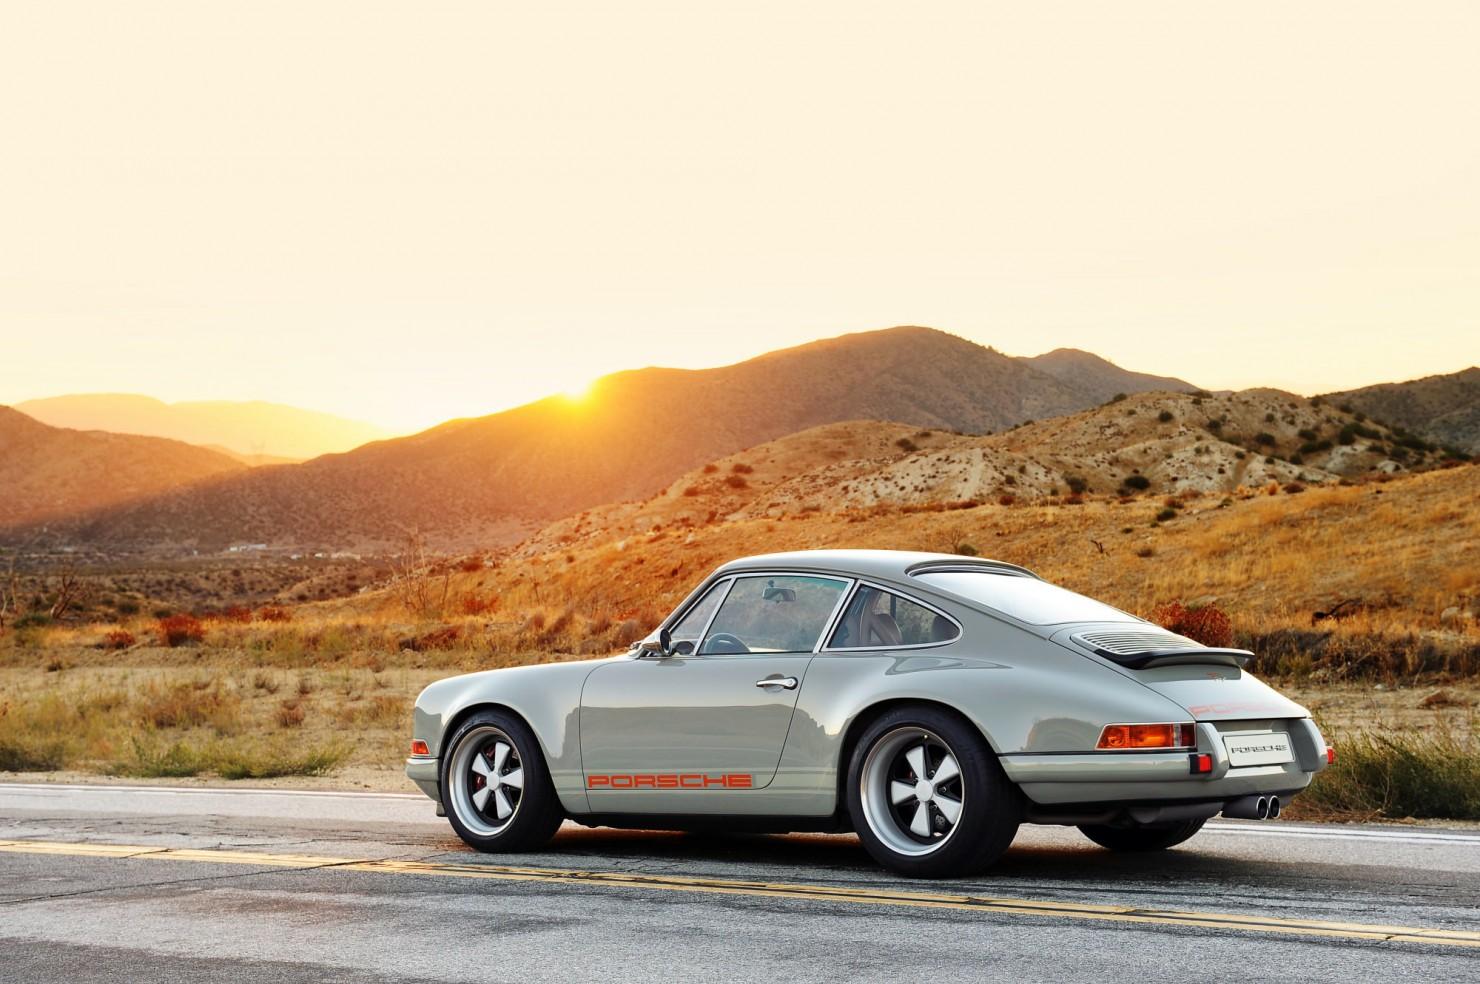 Singer_Porsche_911_7